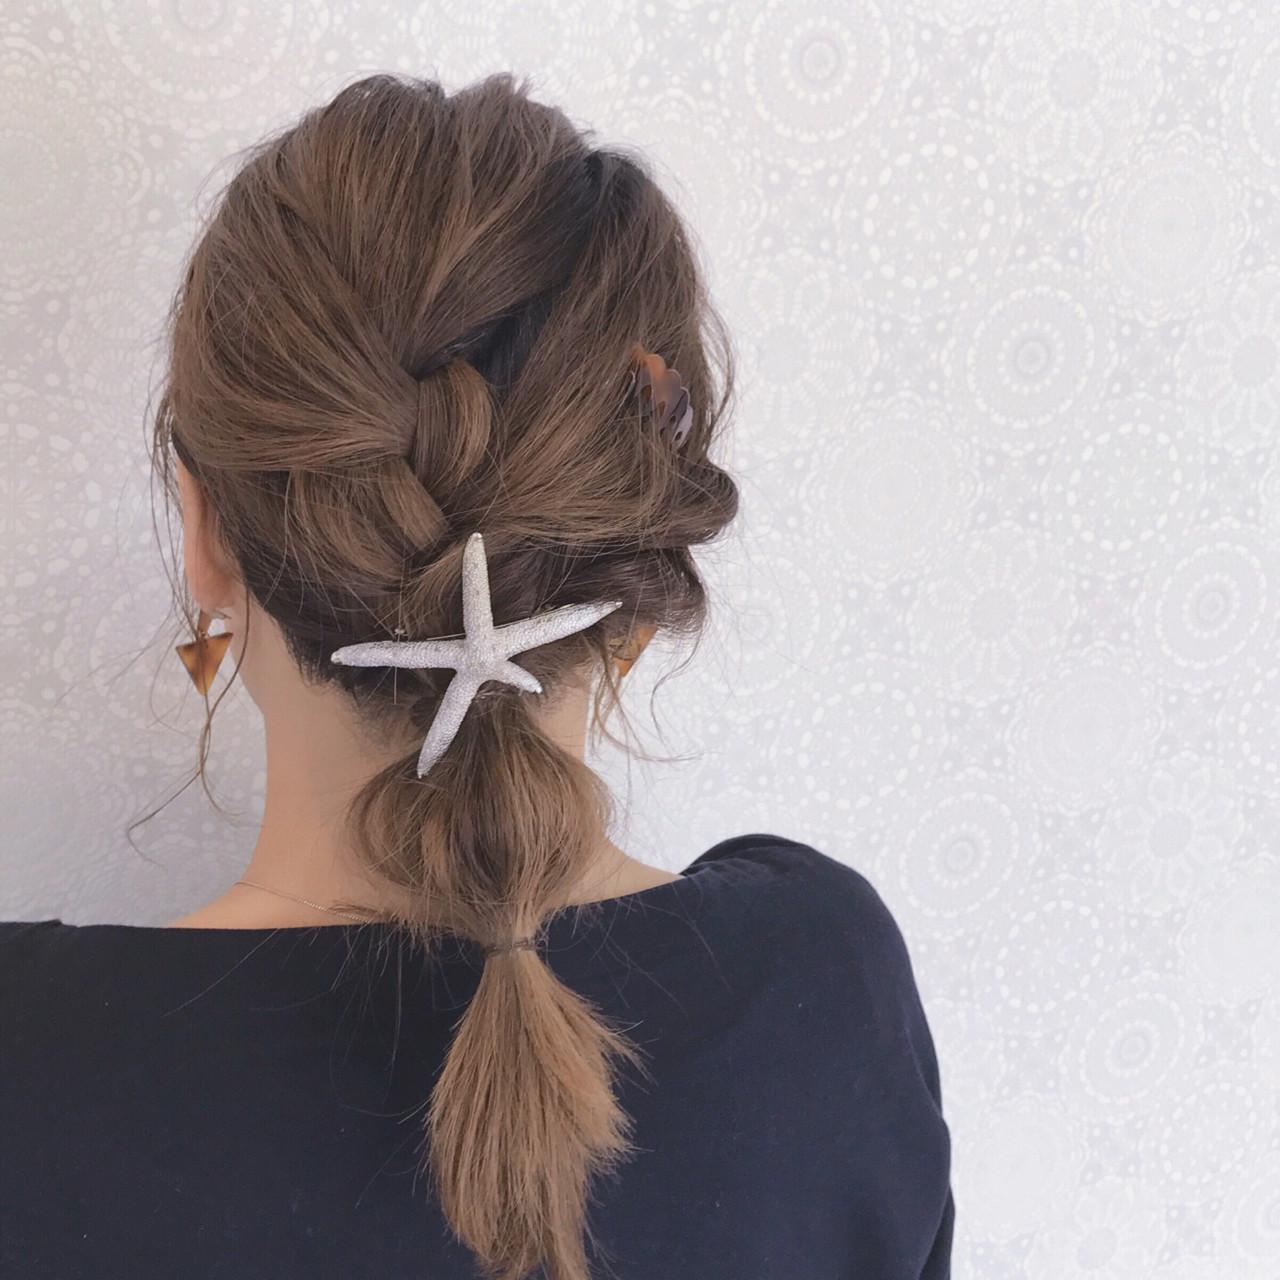 セミロング ガーリー 大人かわいい イルミナカラー ヘアスタイルや髪型の写真・画像 | 石井美那 / BERA g hair